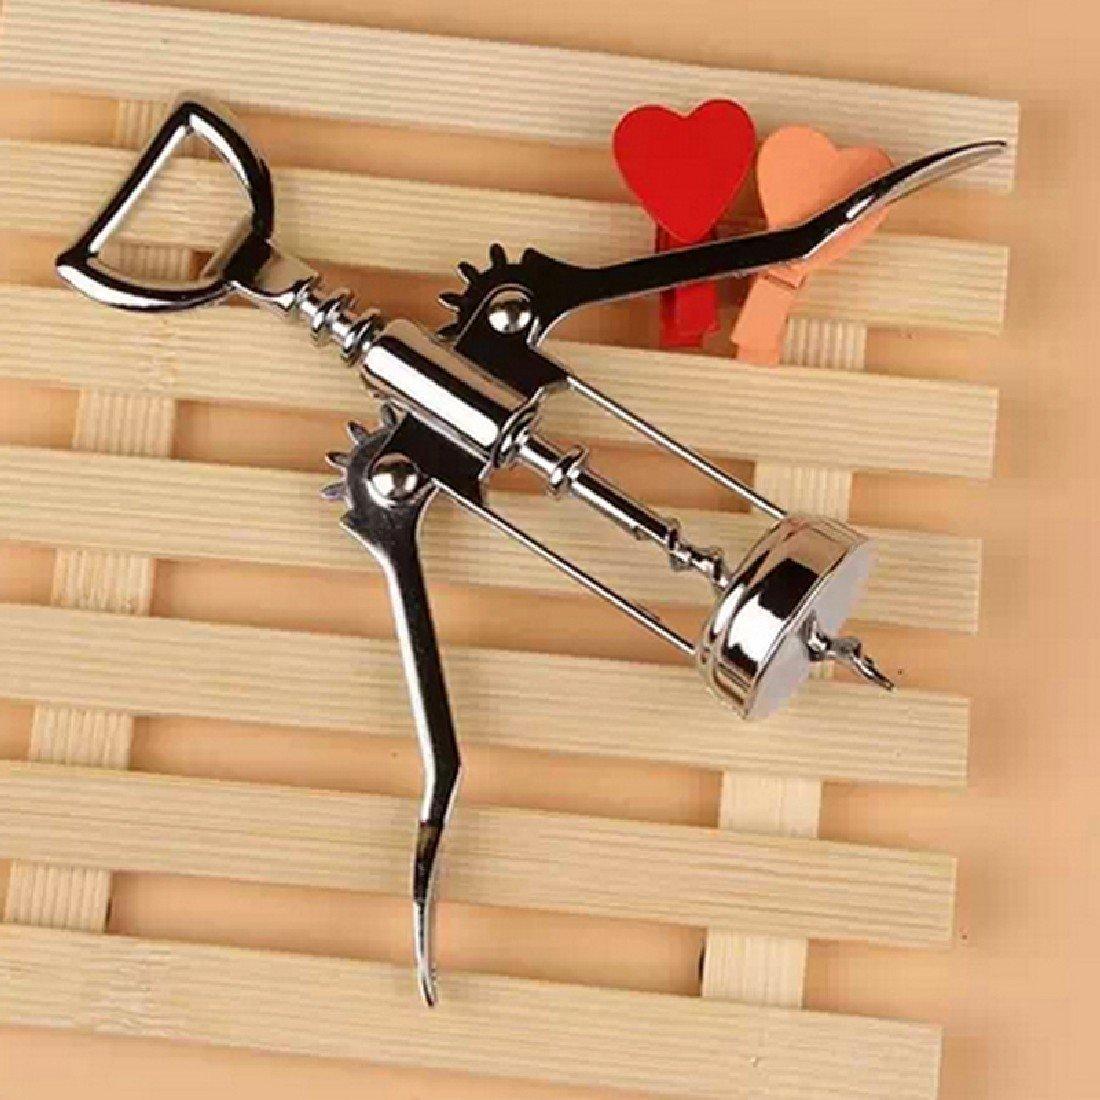 Stainless Steel Bottle Opener Waiter Metal Wine Corkscrew Bottle Handle Opener Corkscrews